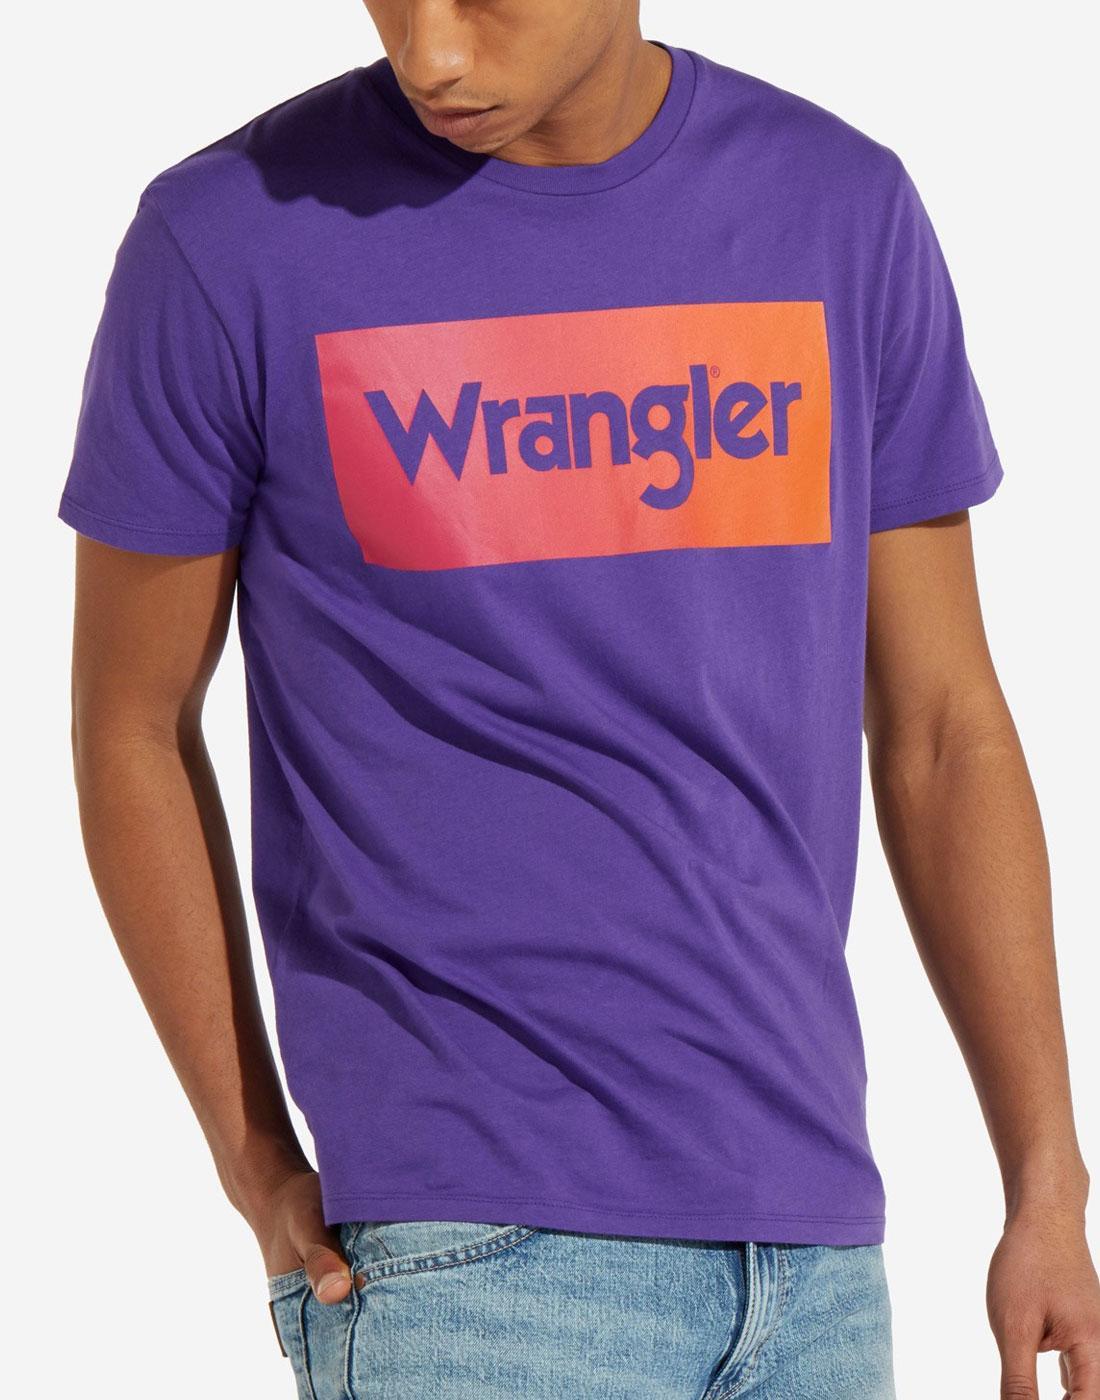 WRANGLER Men's Retro 70s Tropical Logo T-shirt